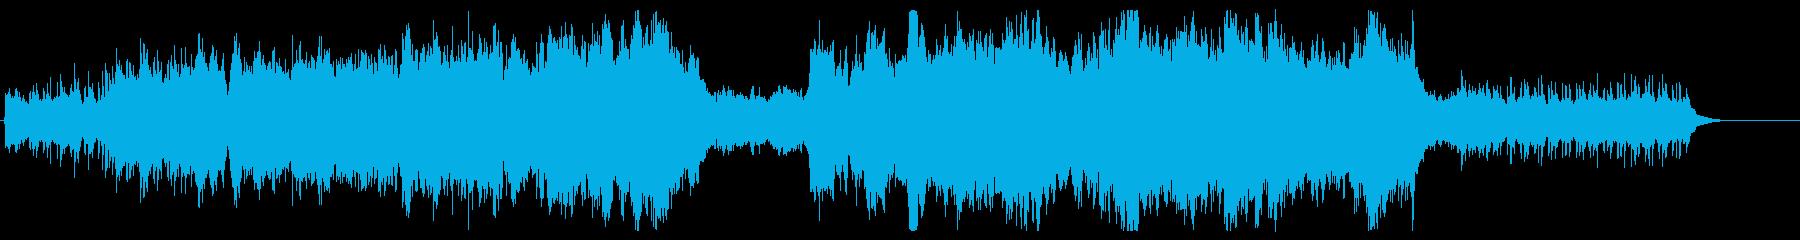 プロローグ オーケストラの再生済みの波形